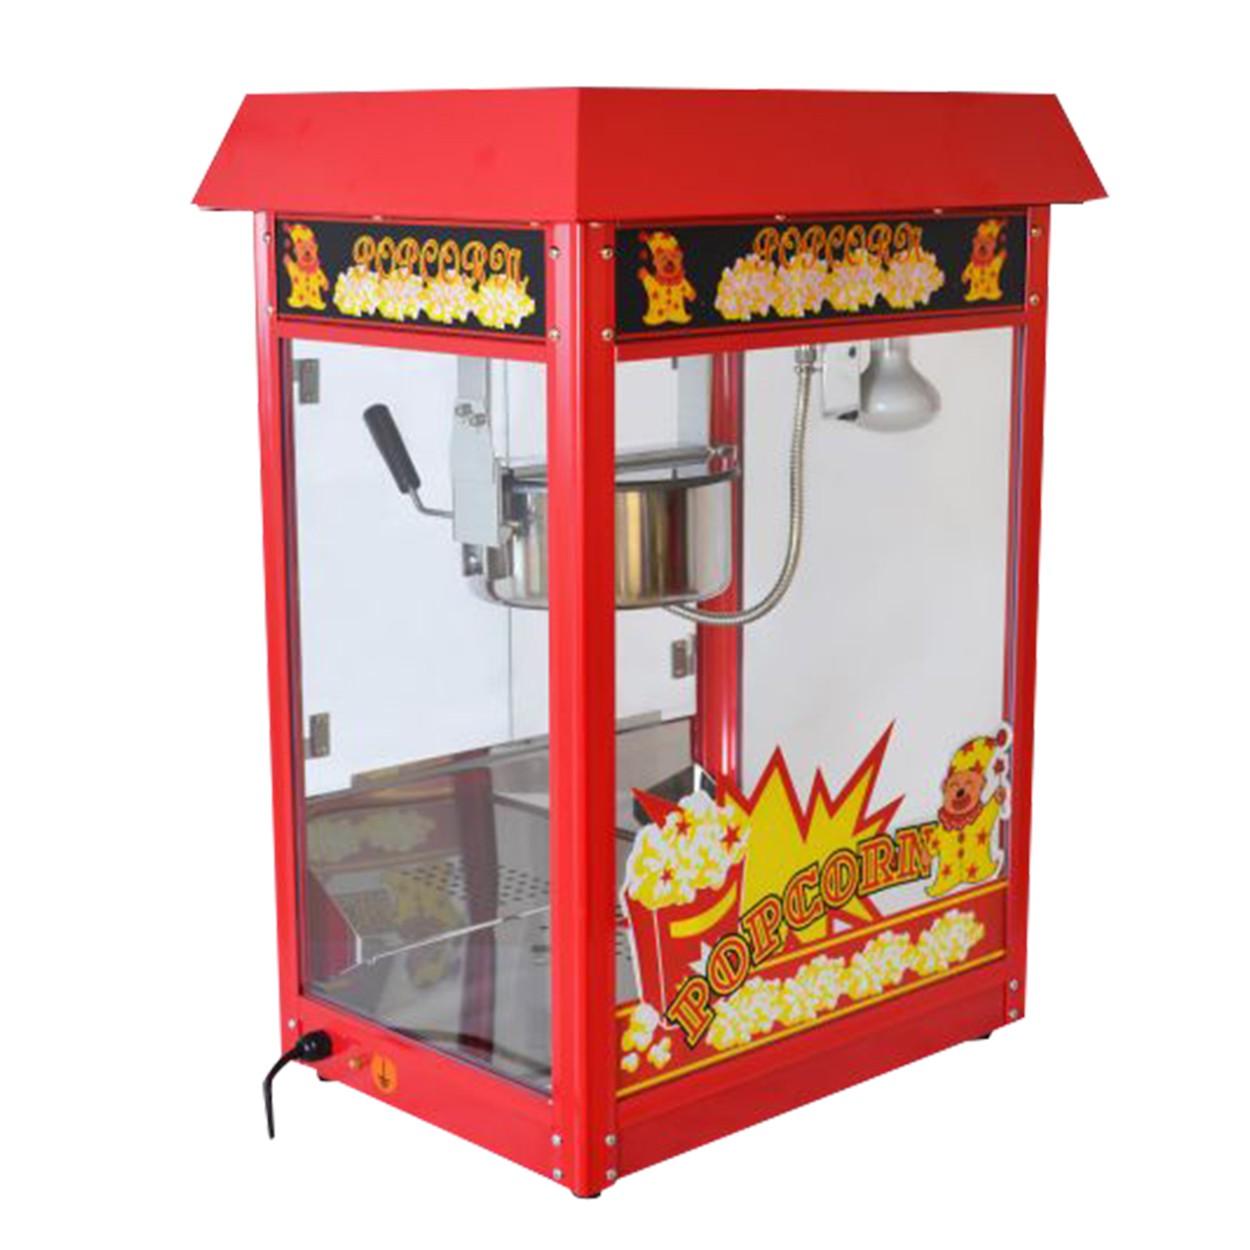 Gut bekannt Große Popcornmaschine für knusprige Popcorn mit Wärmeplatte und GM81